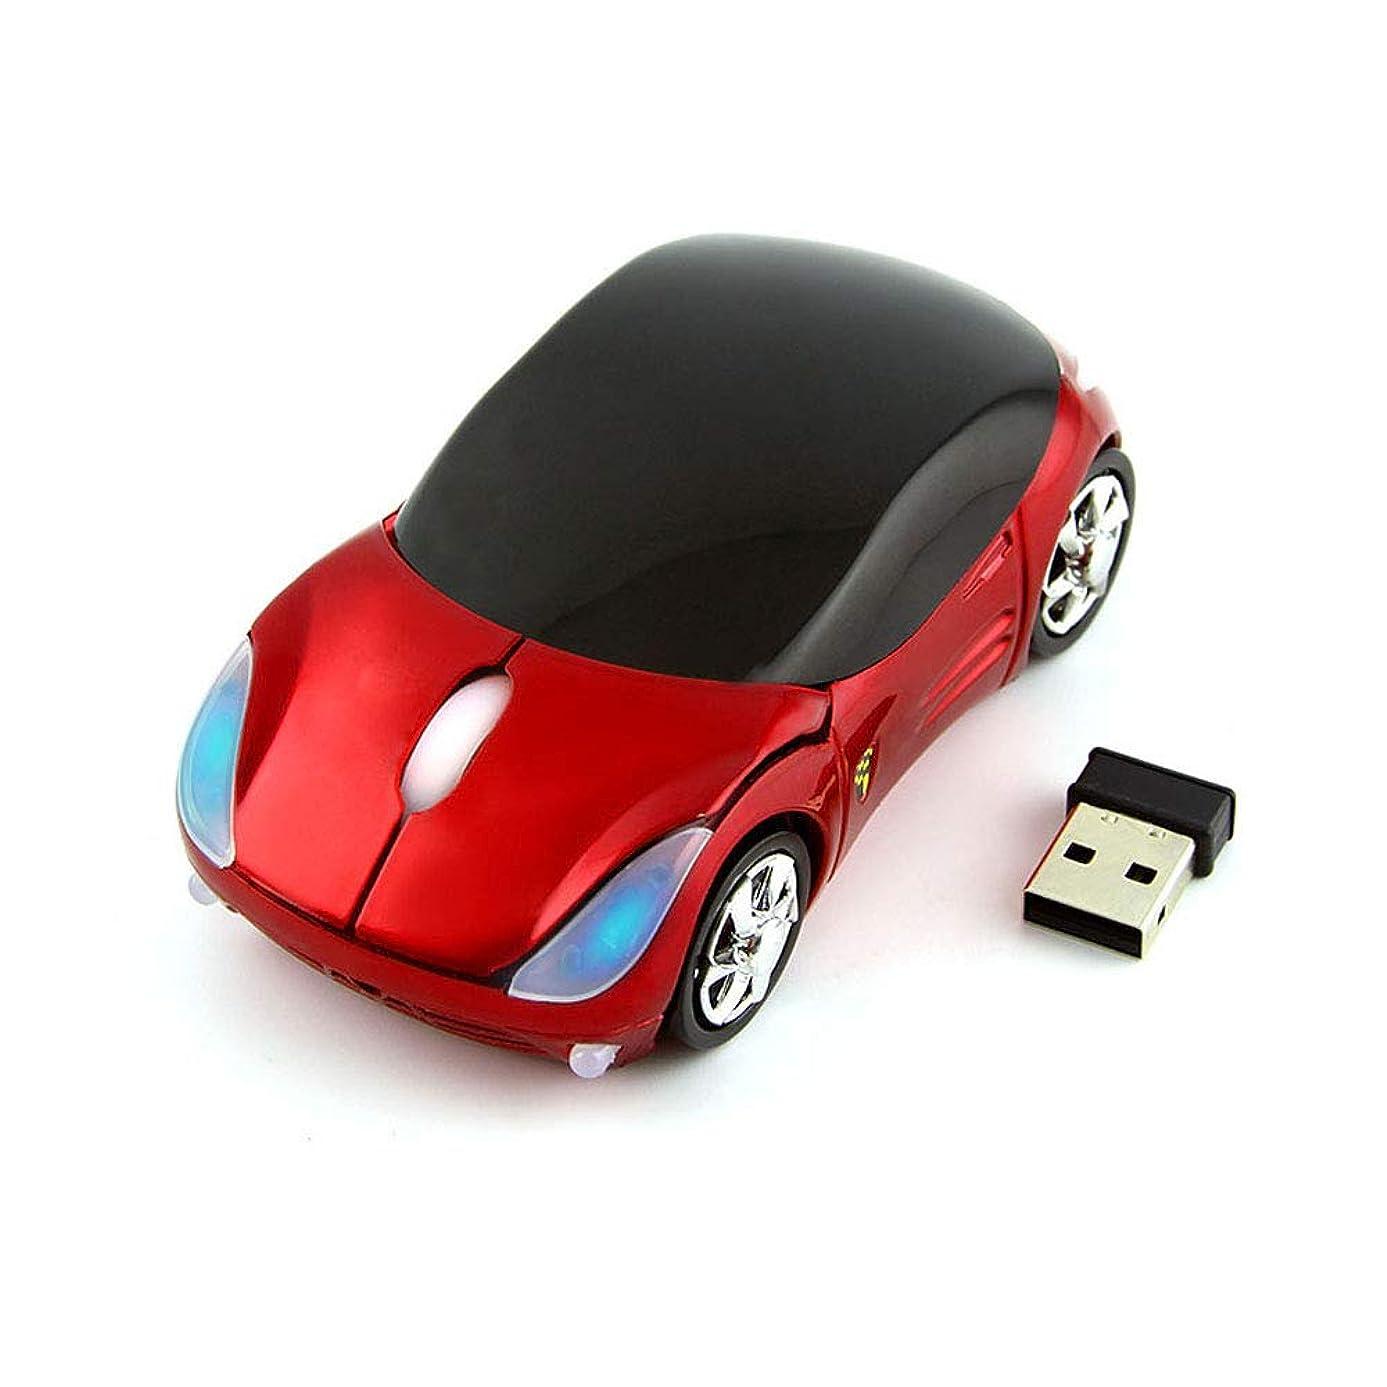 マリン急流親愛な車の形状マウス 2.4GHz 車型ワイヤレスマウス ミニ無線マウス 光学式コードレスマウス カー型マウス USBレシーバー付き PC/ノートパソコン/コンピューター用 面白い 小型くるま マウス 子供/女の子用 (レッド)